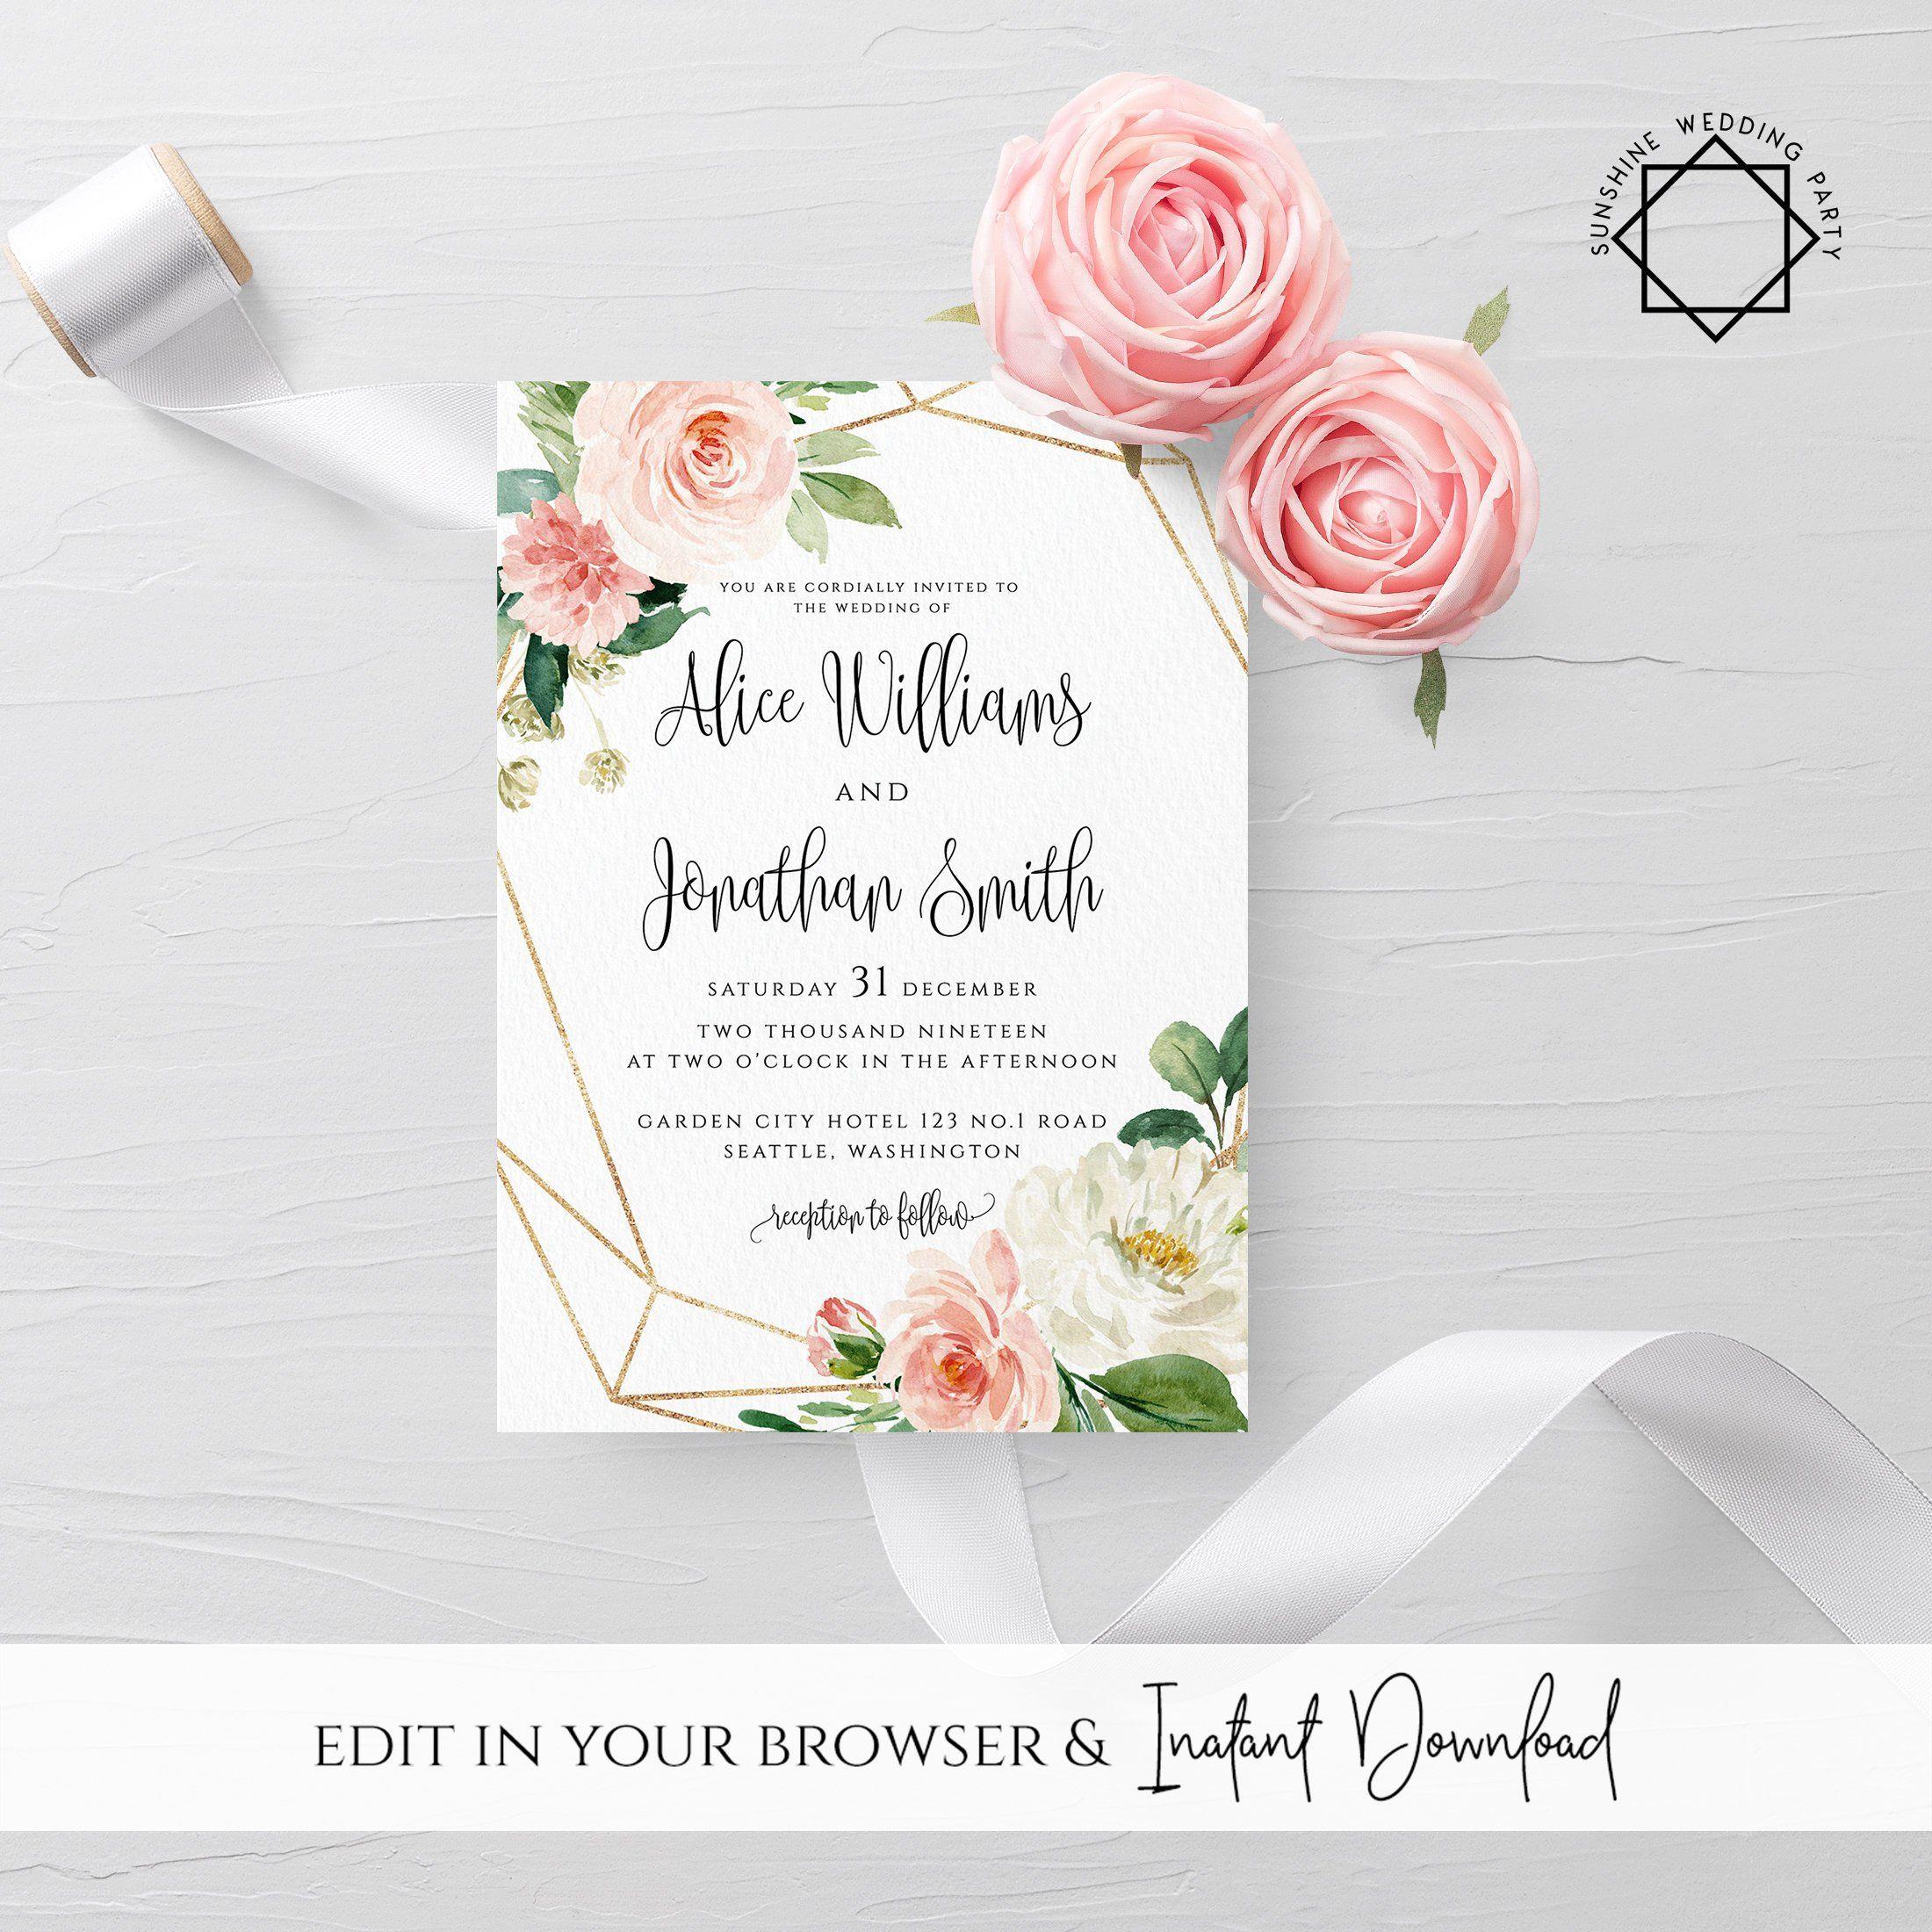 Wedding Invitation Template Printable Wedding Invitation Suite Blush Flower Wedd Flower Wedding Invitation Wedding Invitation Templates Wedding Invitation Sets